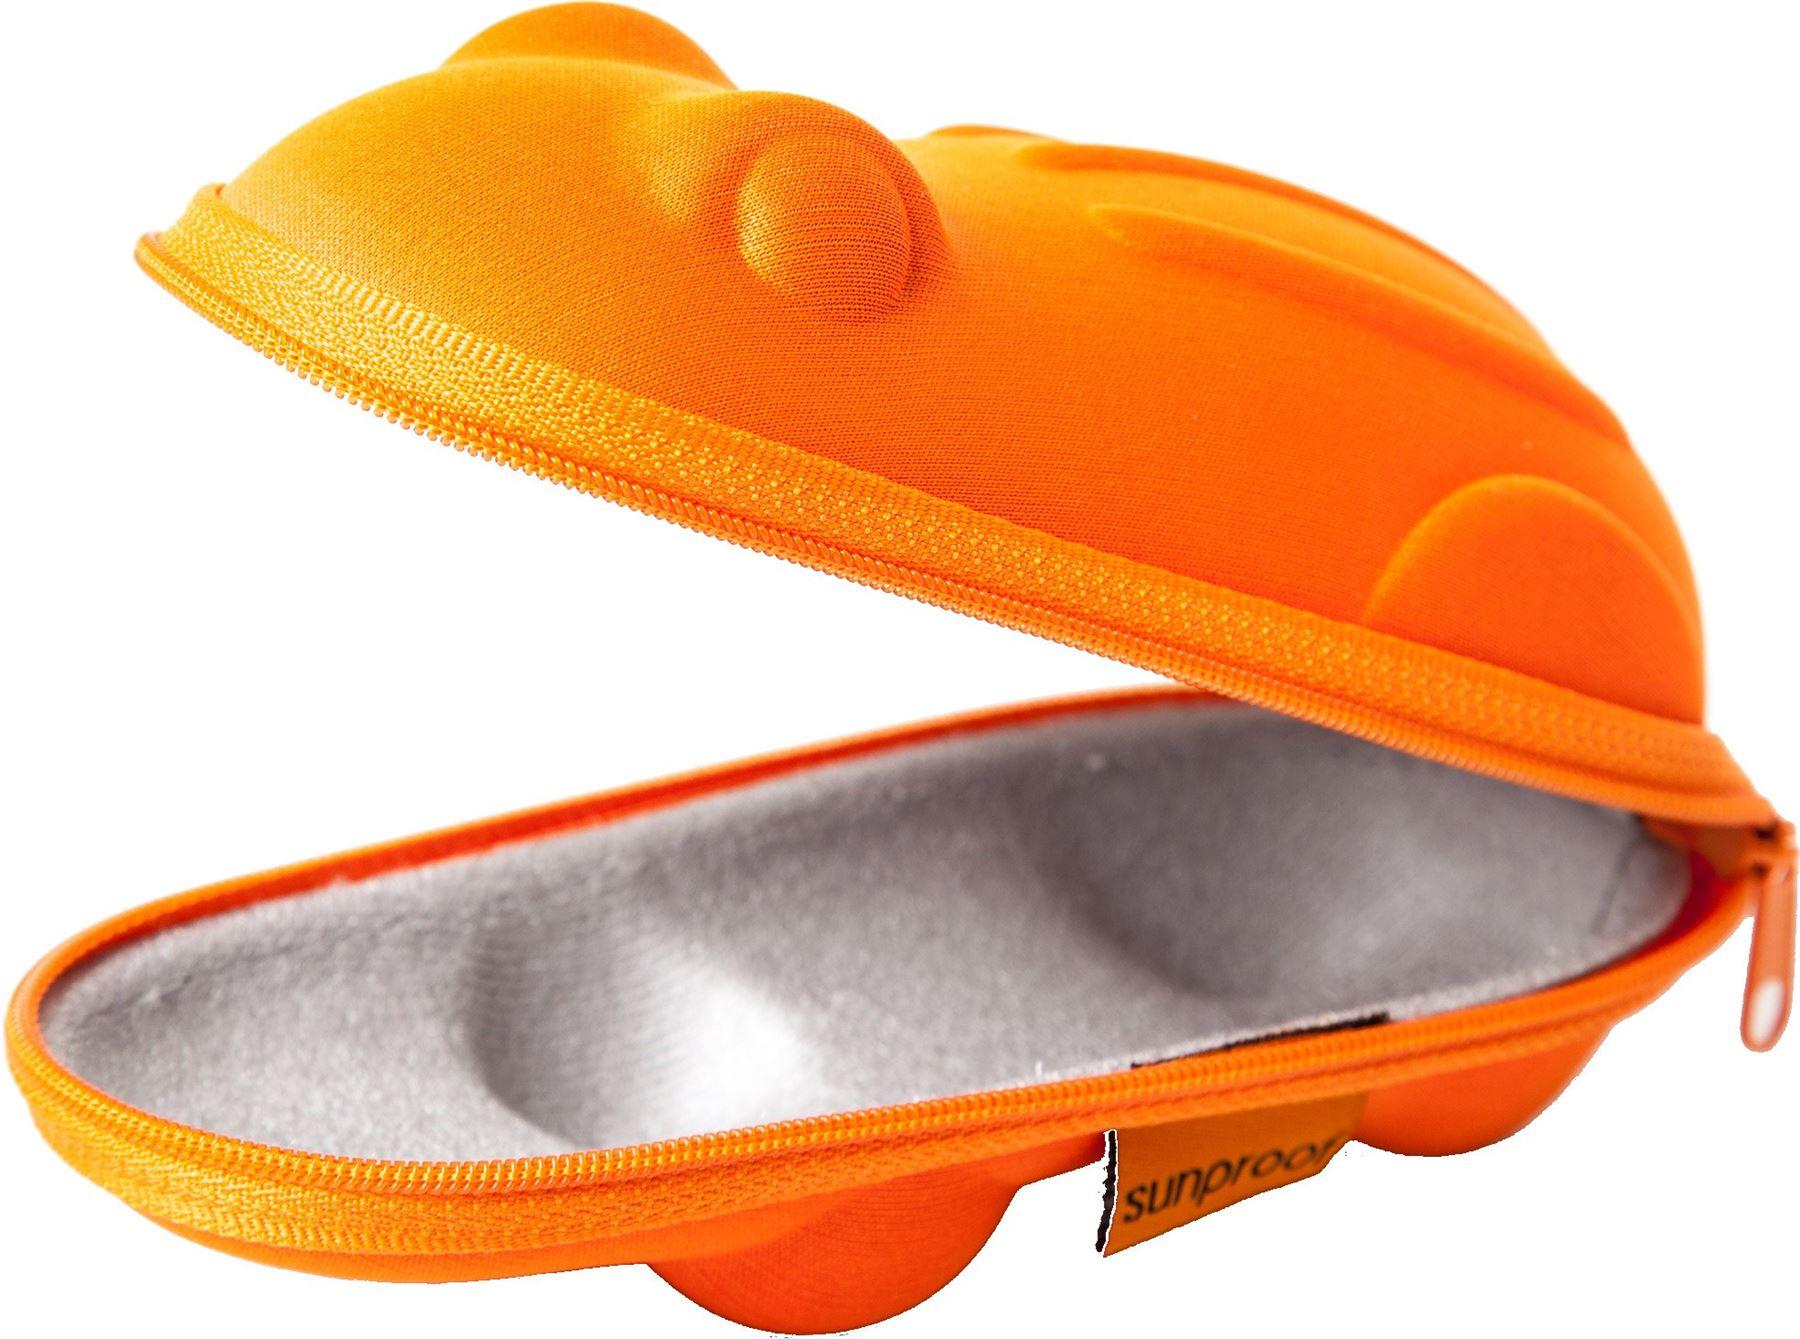 Sunproof-FUNDA-Gafas-de-Sol-Proteccion-Sol-Playa-Nuevo miniatura 10